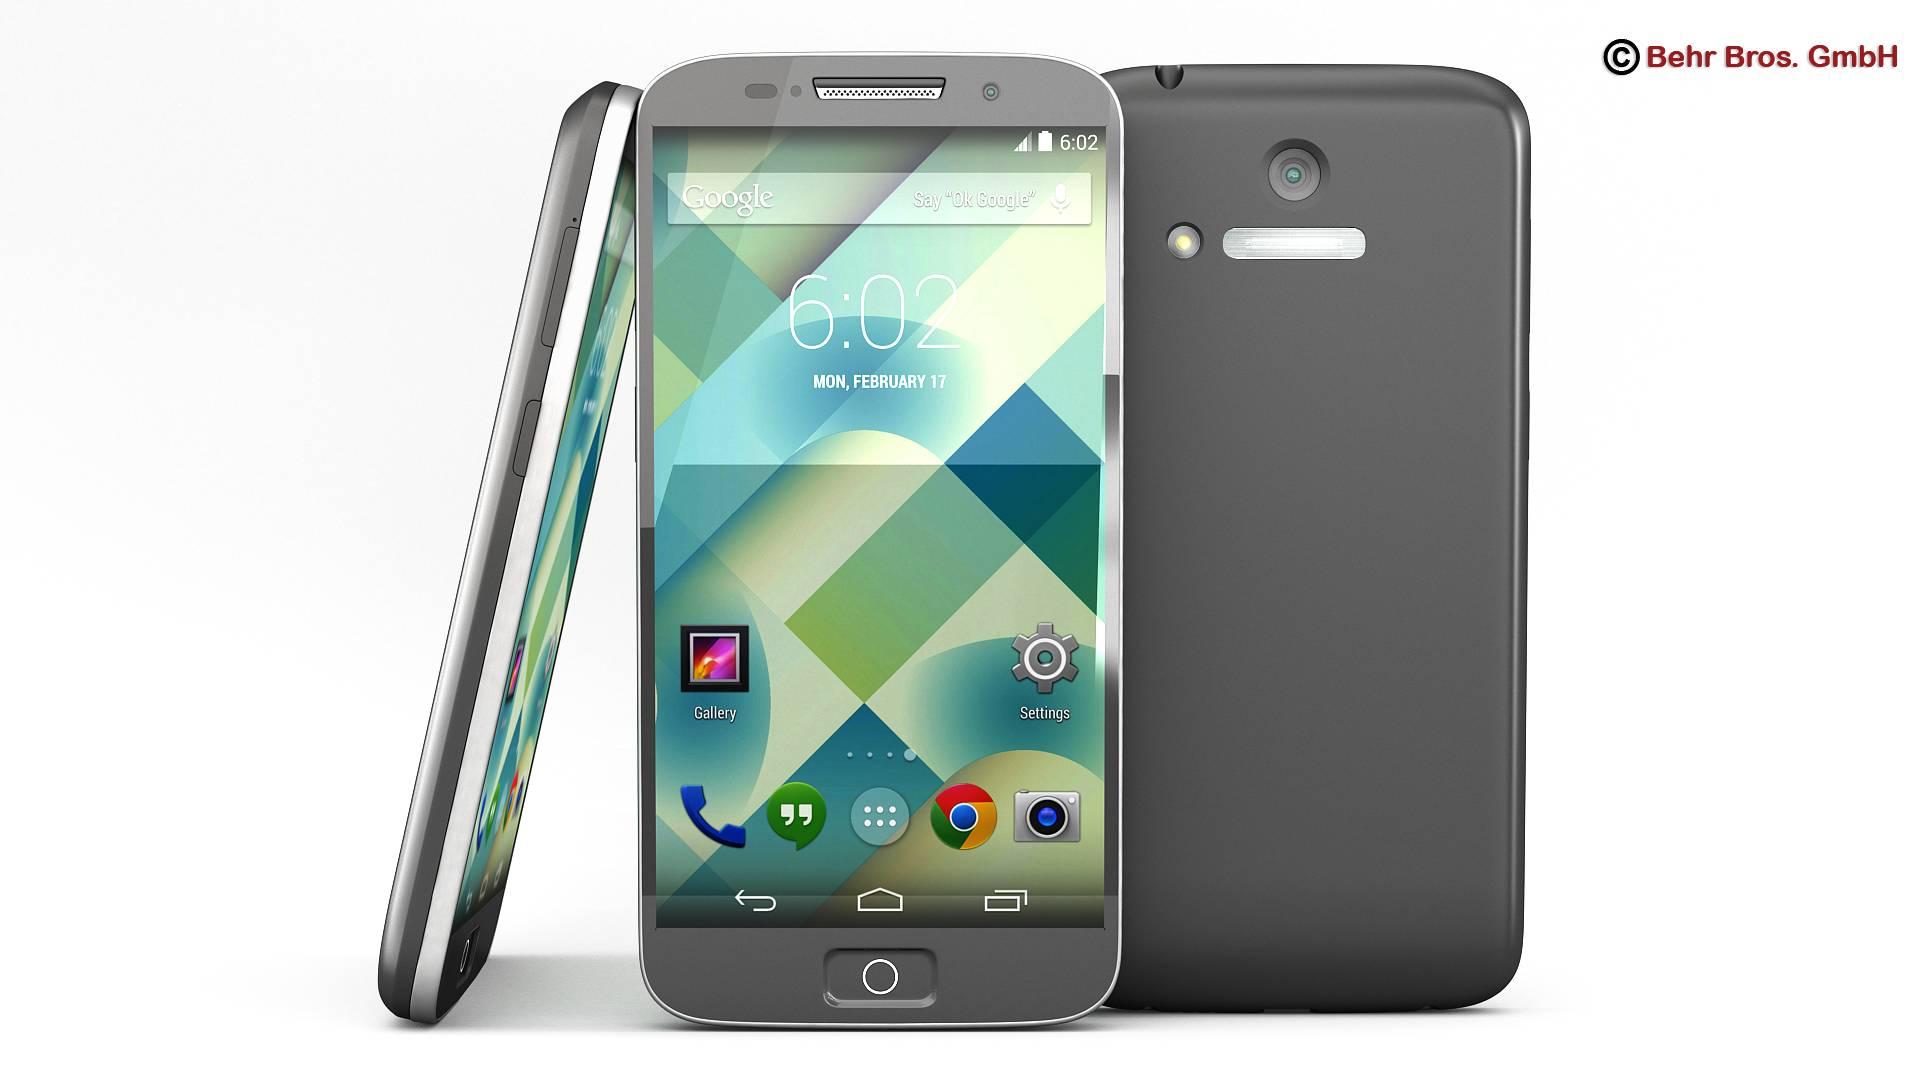 Generic Smartphone 4.6 Inch 3d model 3ds max fbx c4d lwo lws lw ma mb obj 161634